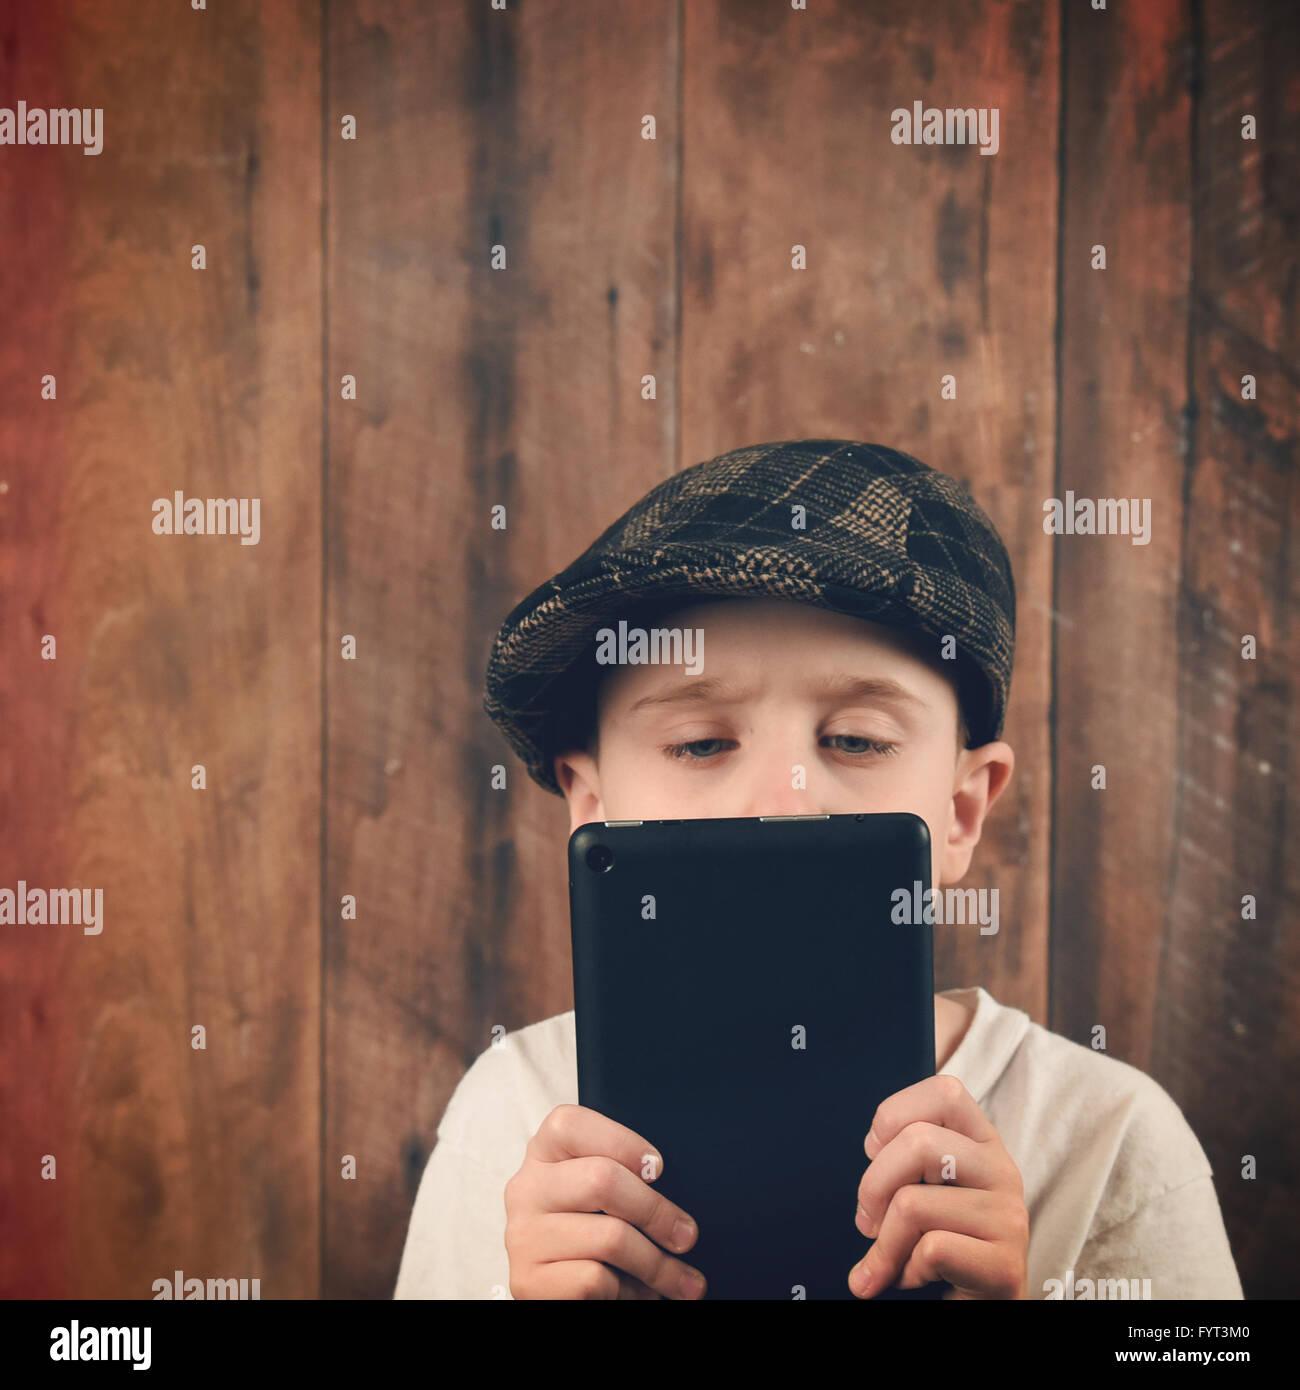 Un garçon est maintenant une technologie Tablet et lecture d'un écran. L'enfant a un vintage hat Photo Stock